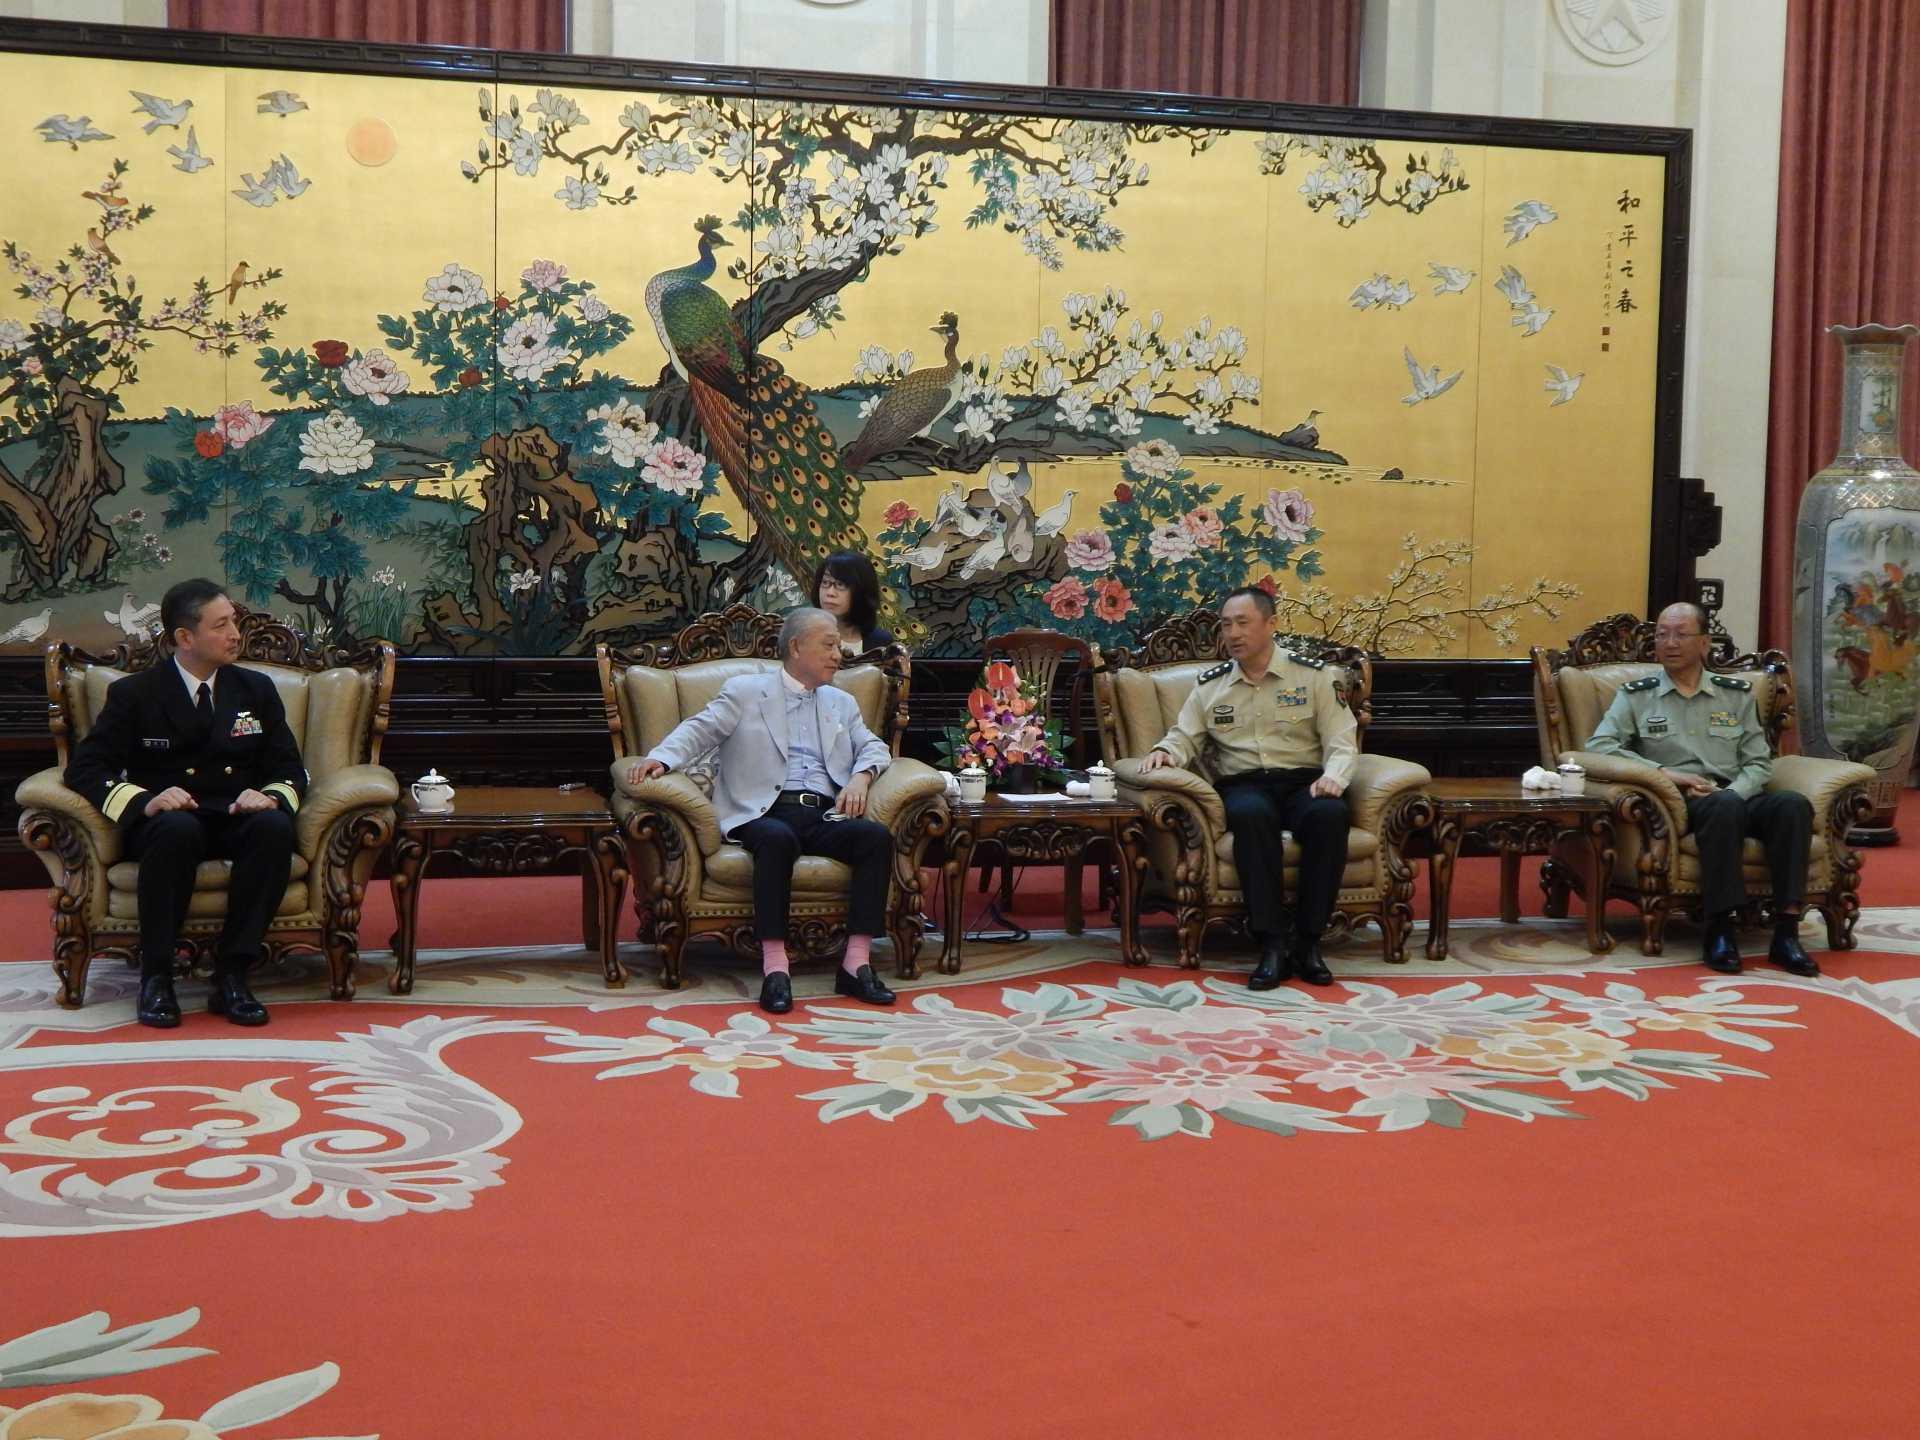 国際軍事合作弁公室で会談する真殿知彦団長、笹川陽平名誉会長、卲元明副参謀長、慈国巍少将(写真左から)